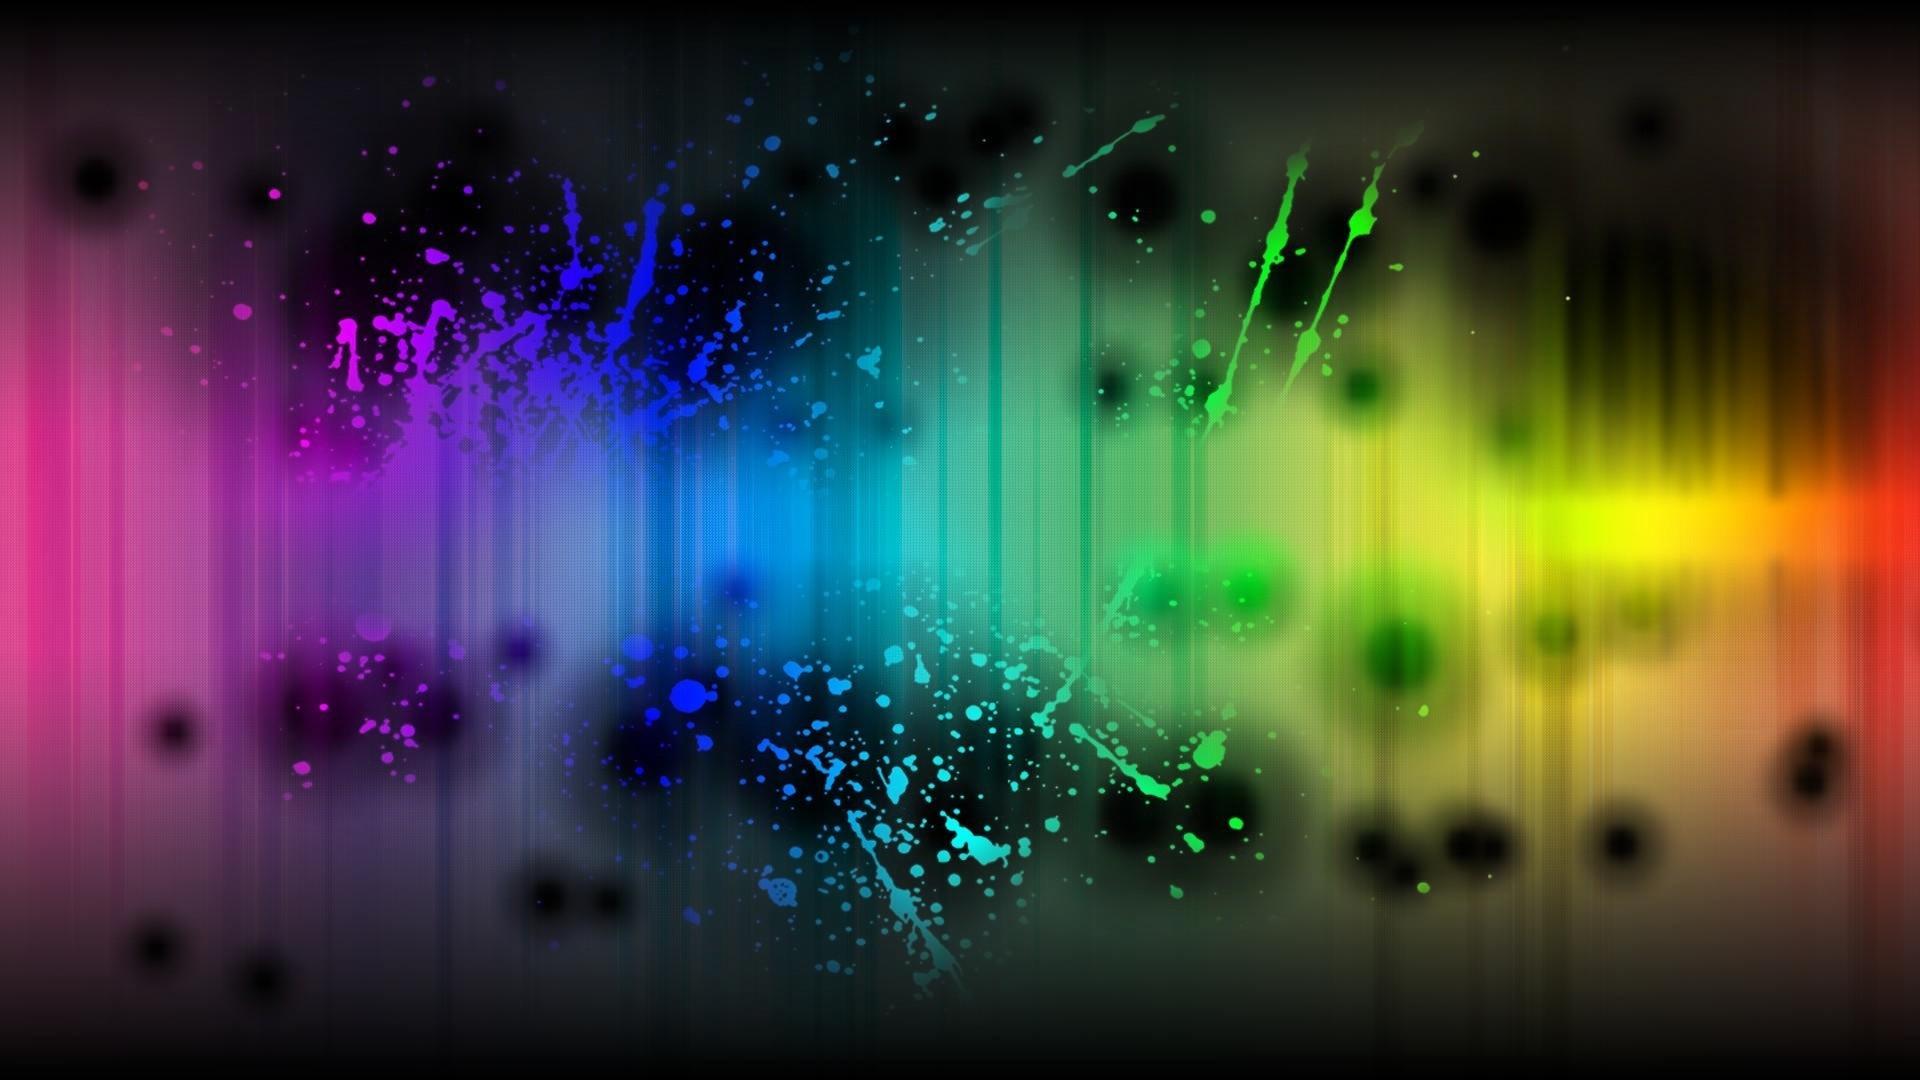 Res: 1920x1080, Color Splash Wallpaper.